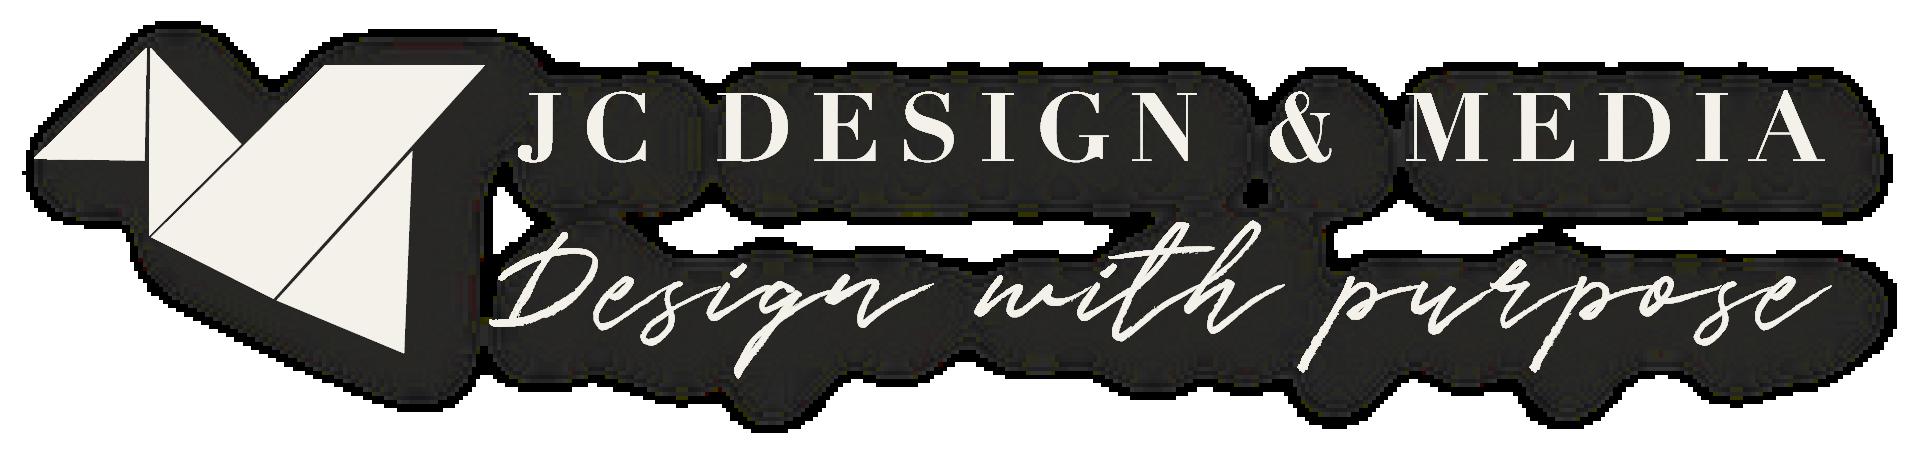 JC Design & Media